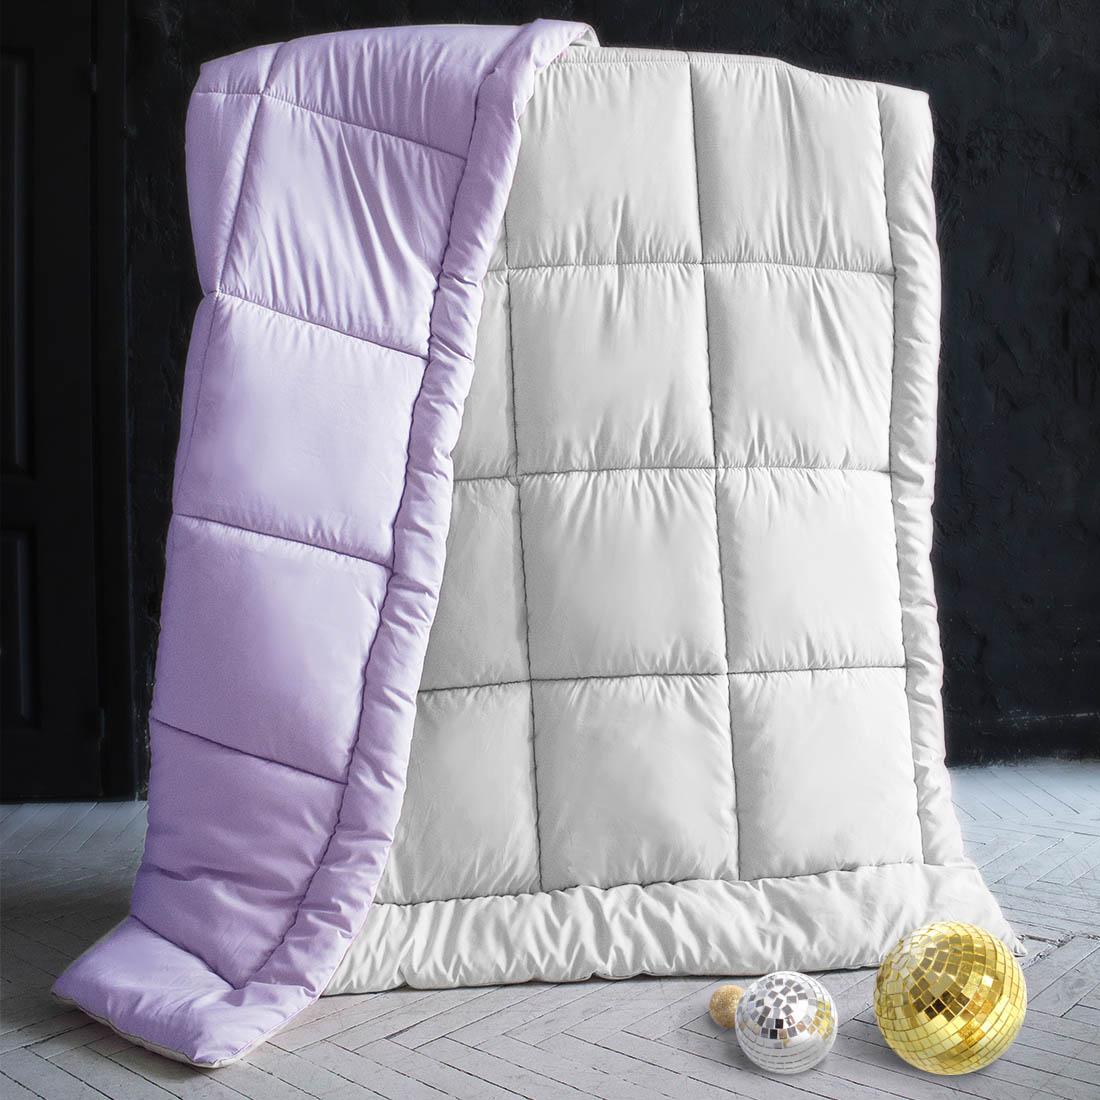 Одеяла Sleep iX Одеяло MiltiColorЦвет: Белый/Фиолетовый (175х205 см) siemens lc 91 ba 582 ix